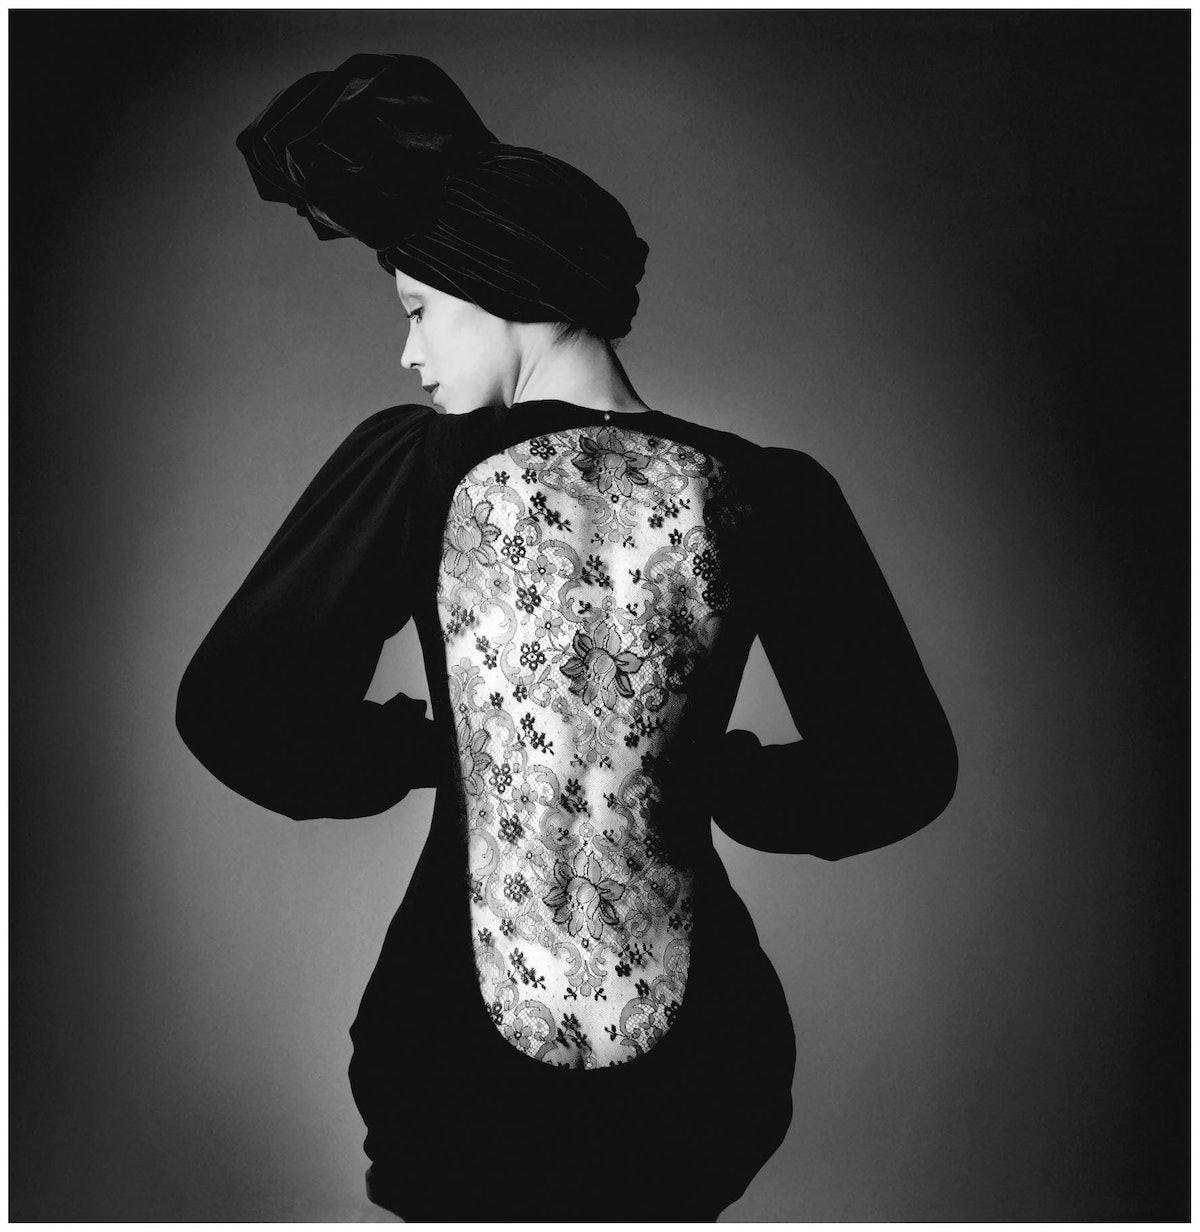 Marina Schiano Yves Saint Laurent